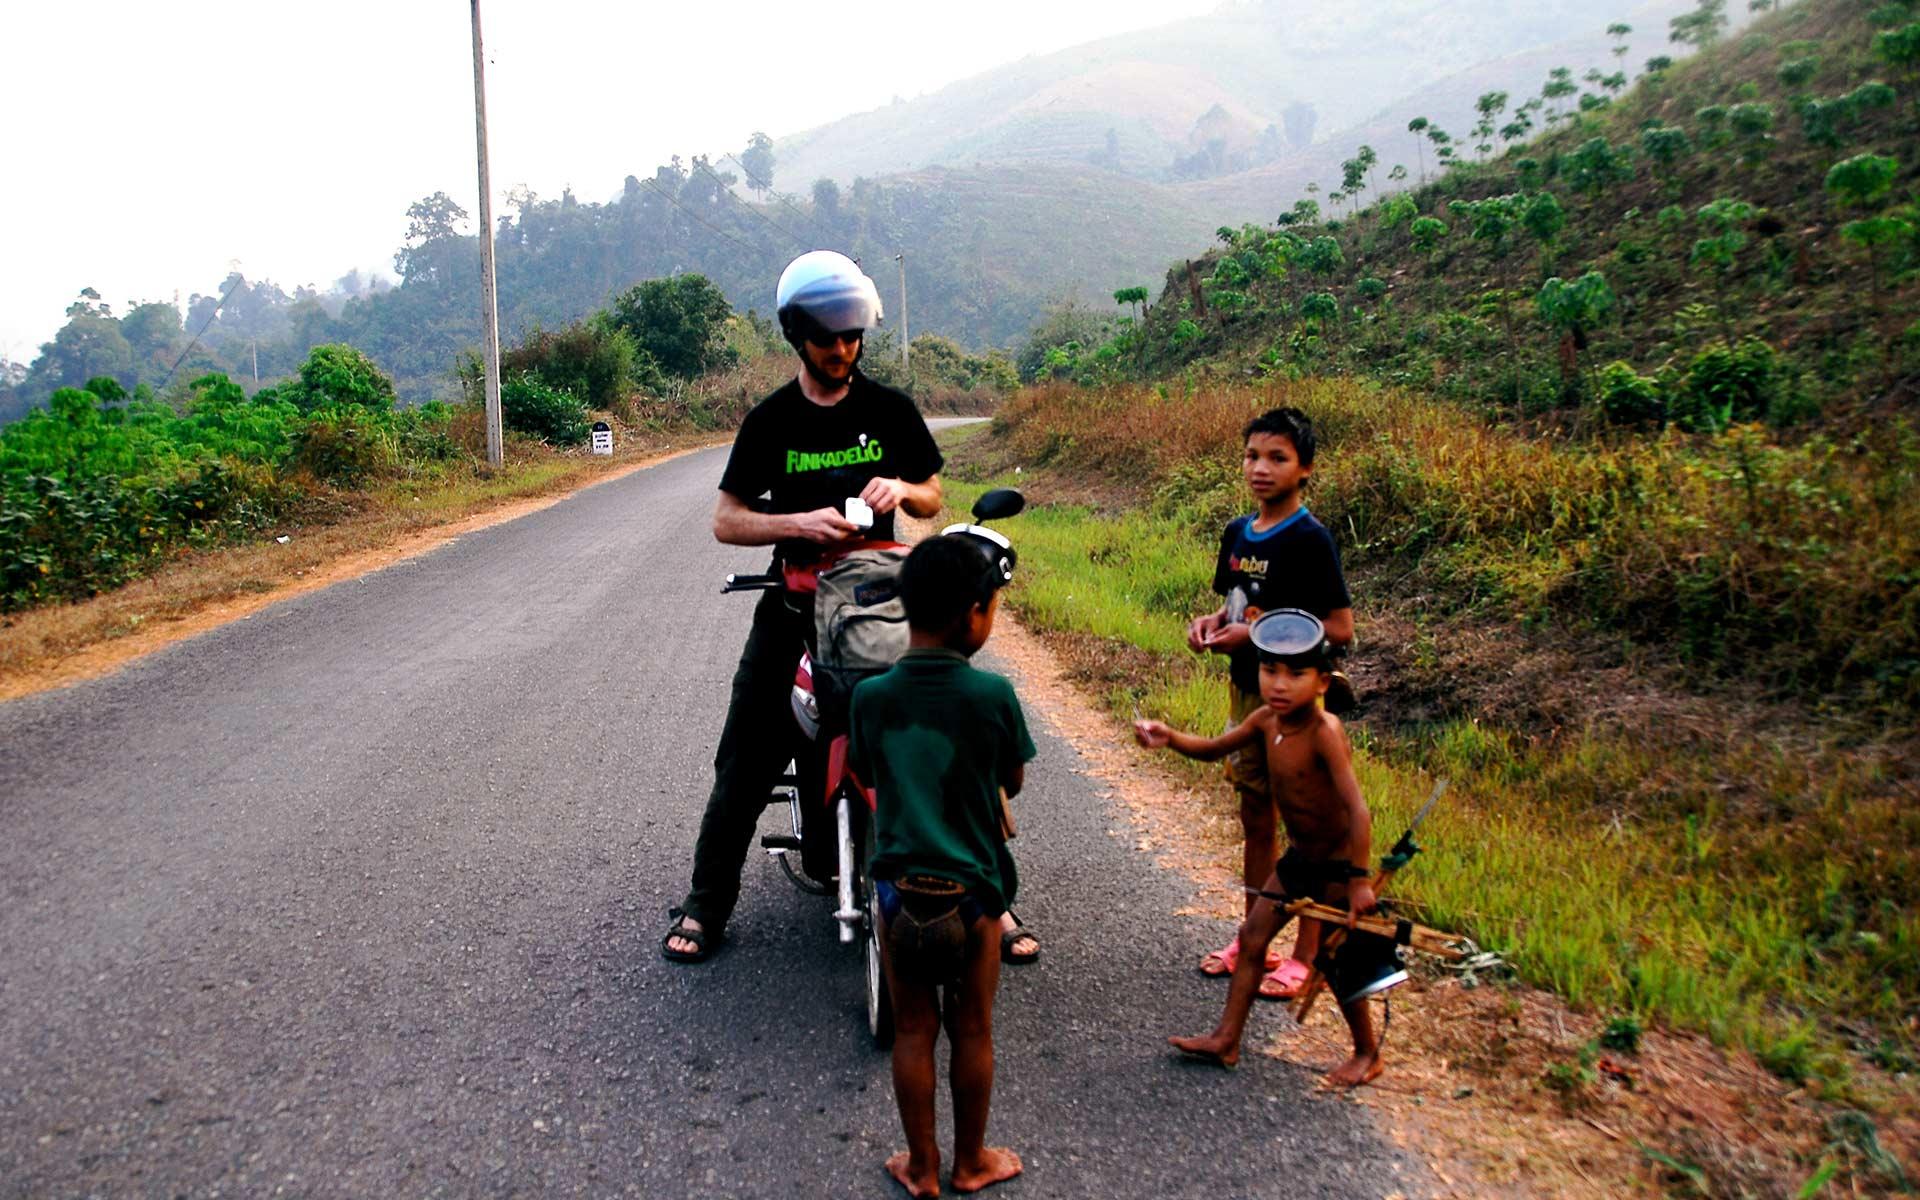 Motorbike in luang namtha laos